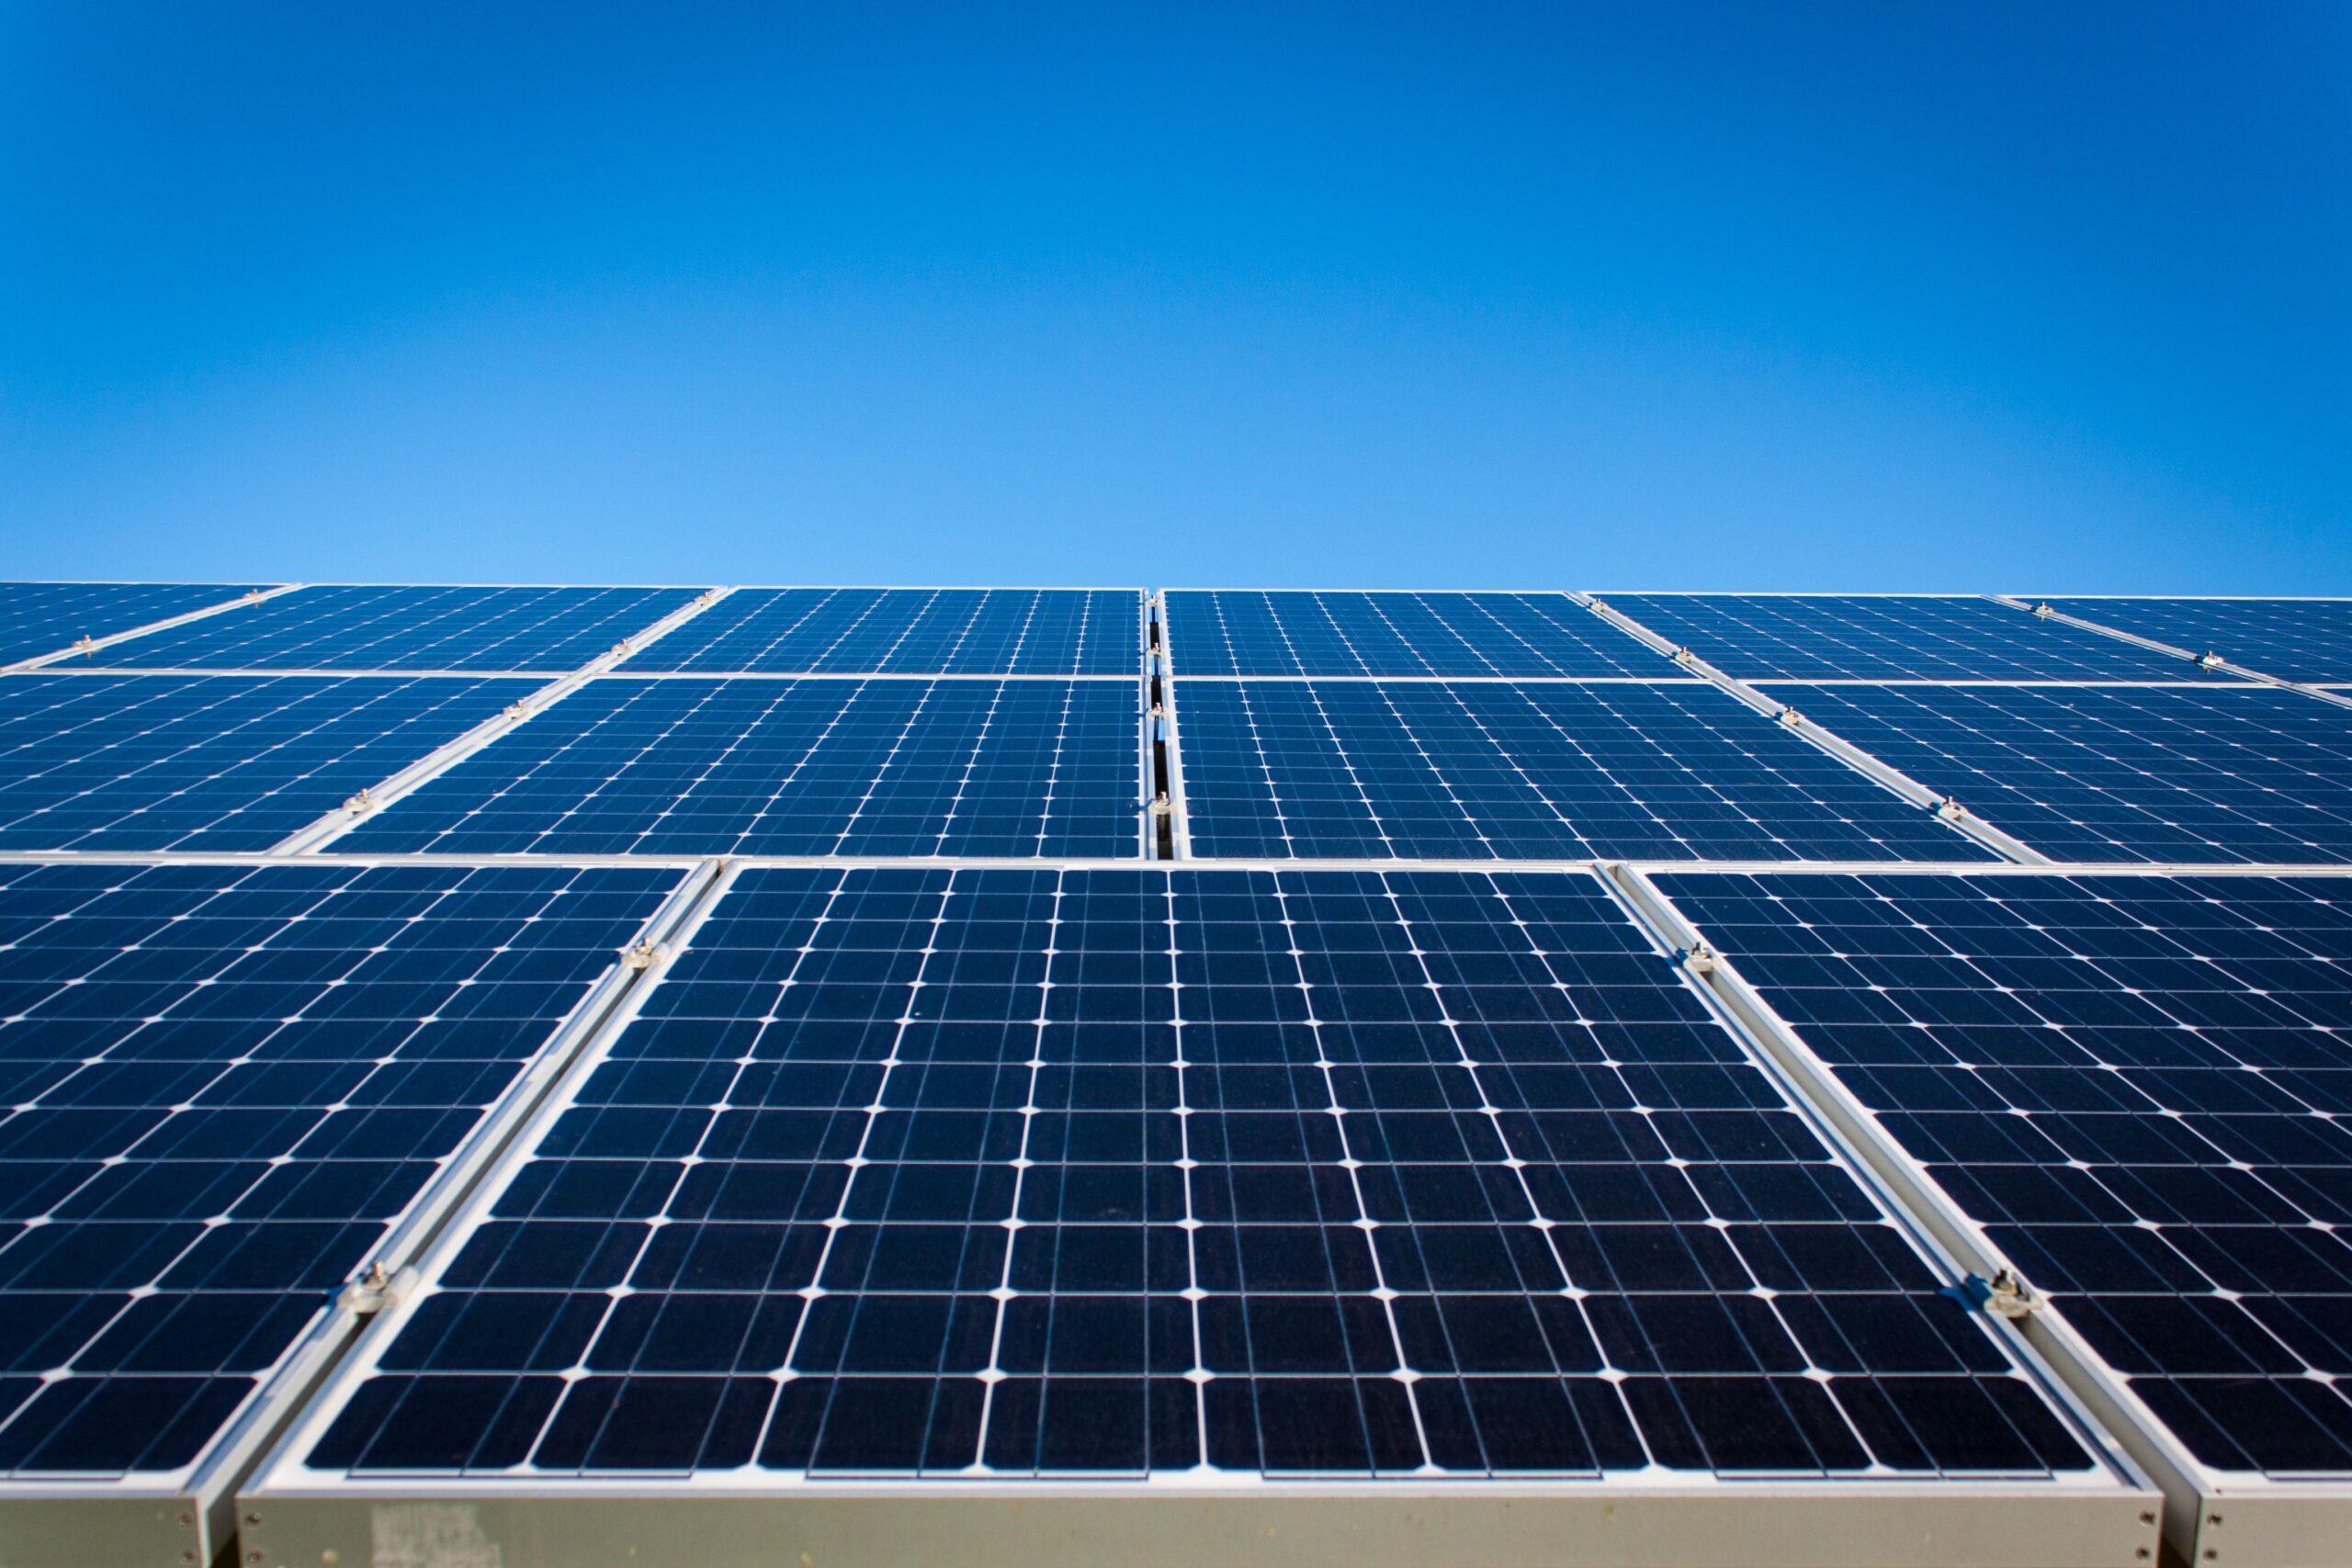 Production d'electricite : énergie solaire - panneaux photovoltaiques - Comparateur-energie.be